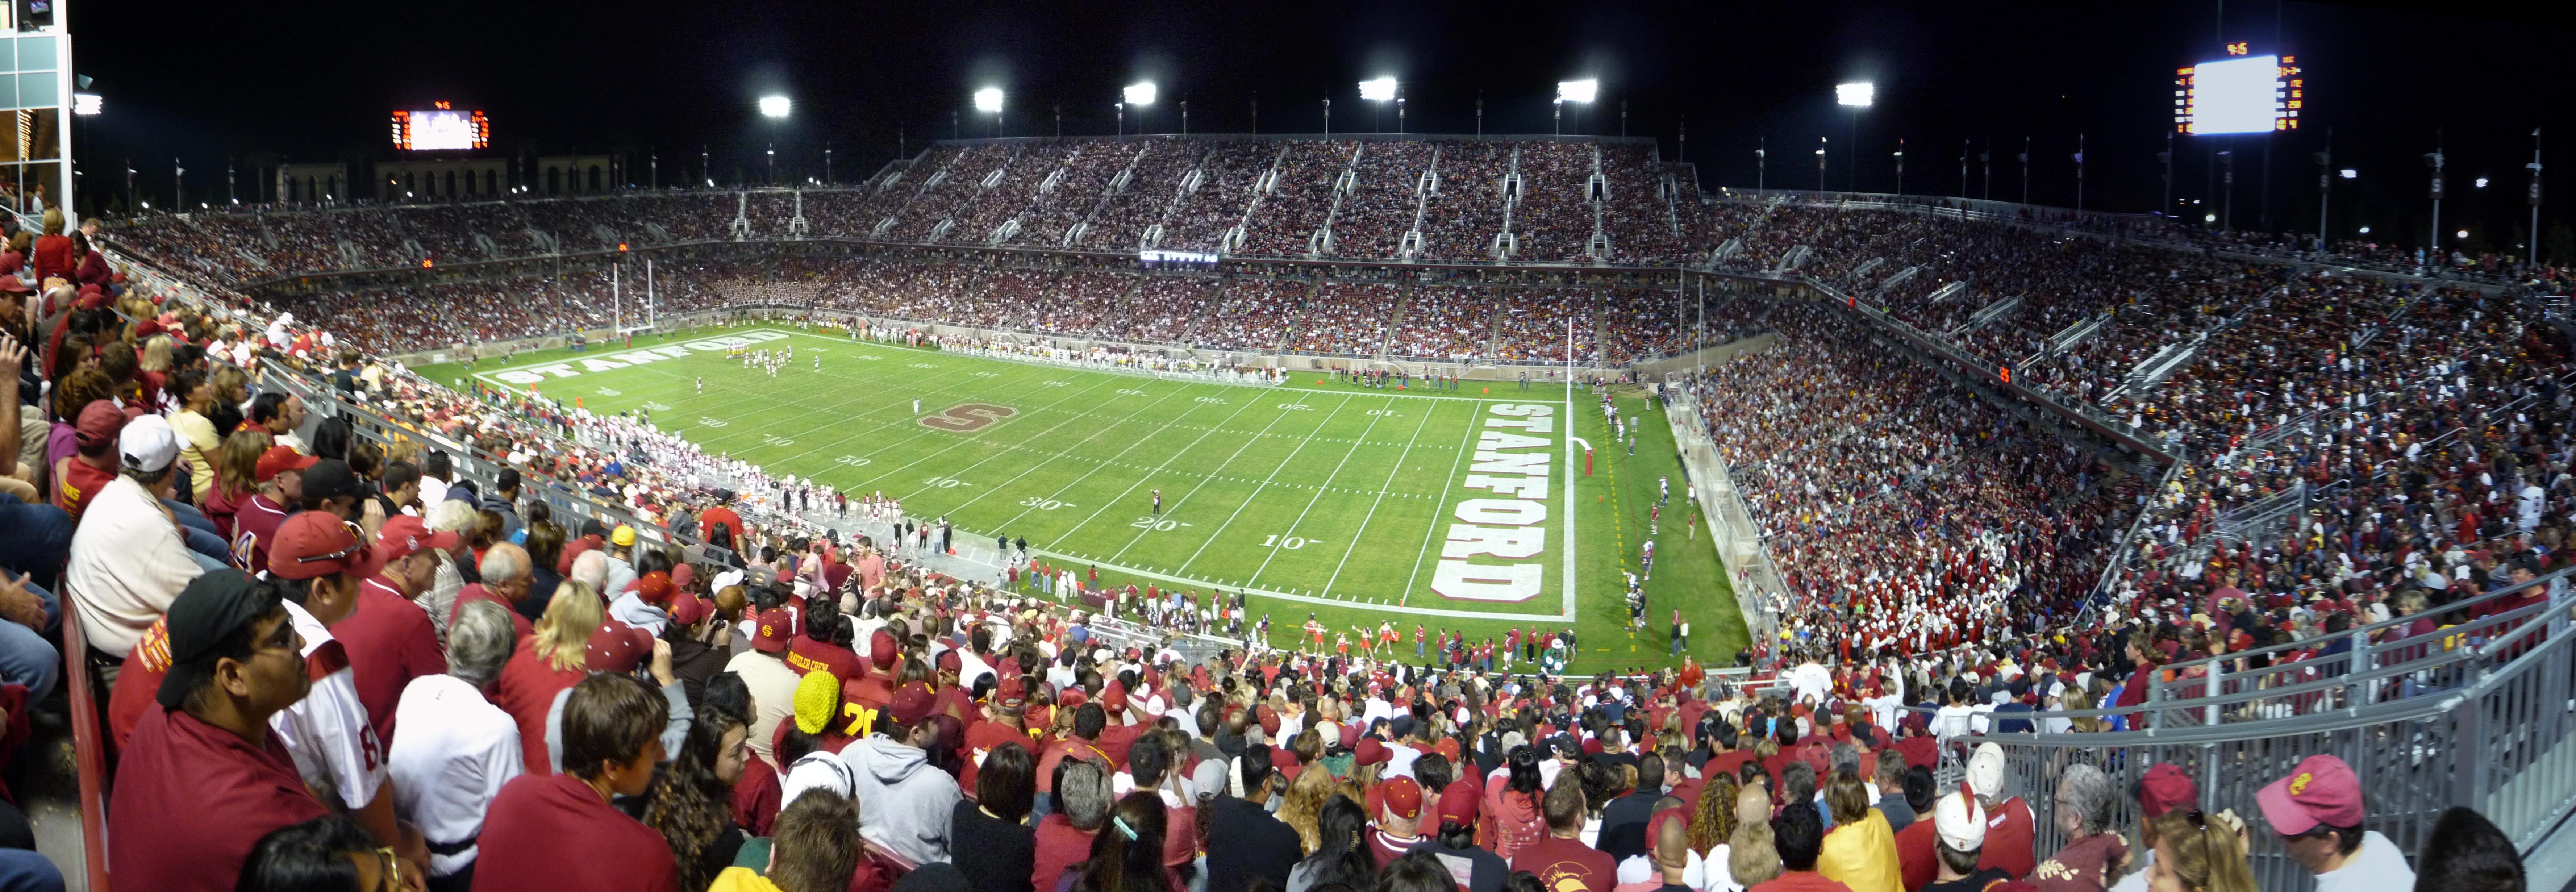 Stanford Cardinal Stanford Stadium